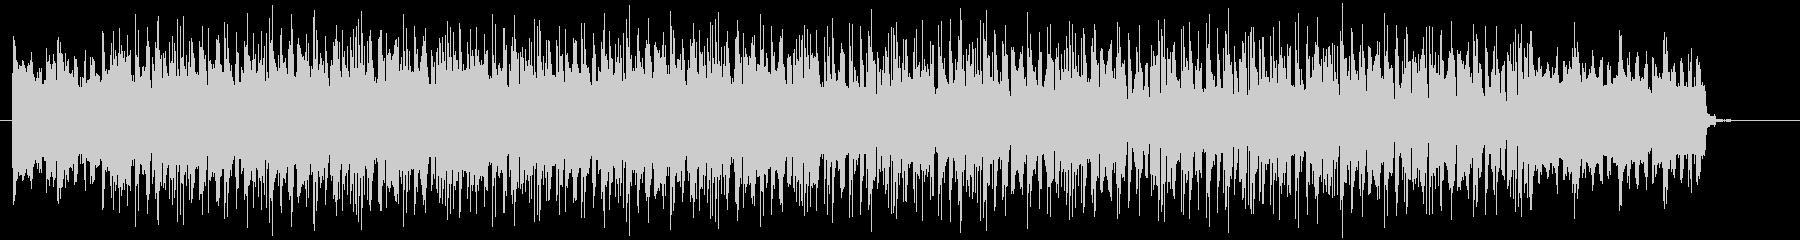 重みのあるオープニング曲の未再生の波形